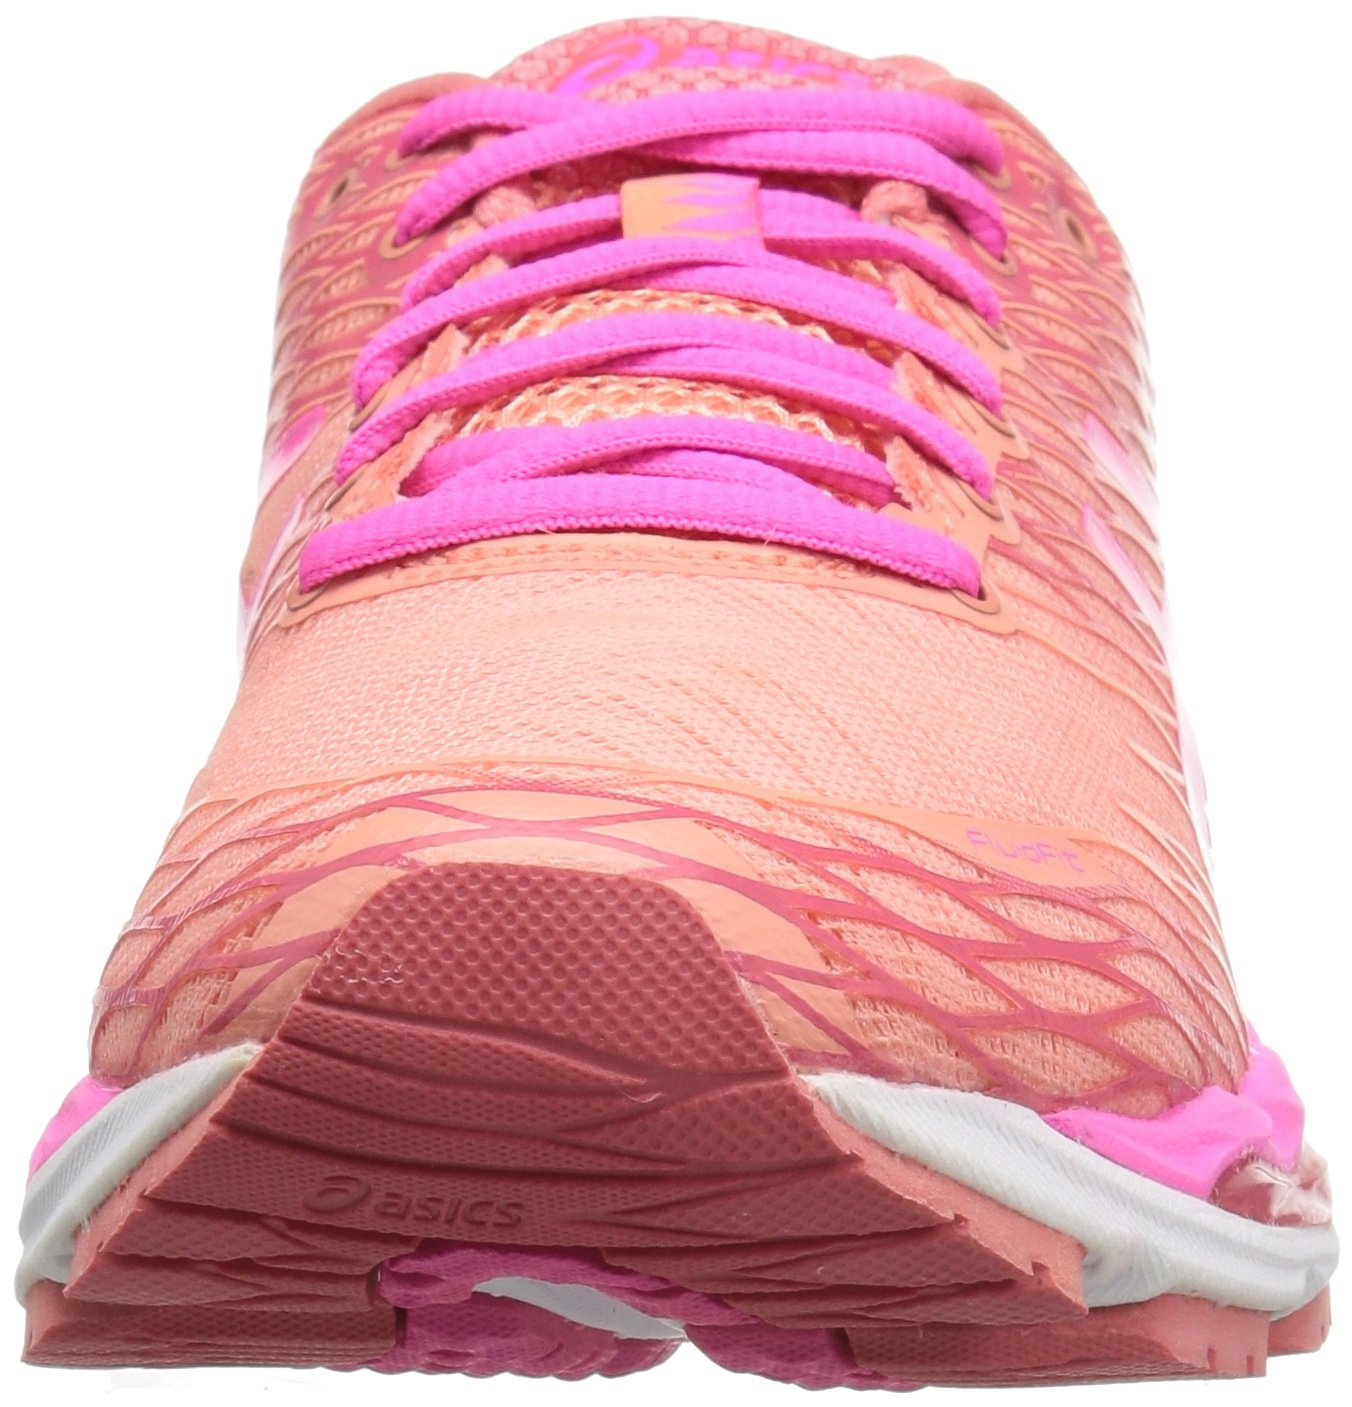 Zapatillas de running fuerte ASICS Gel-Nimbus mujer 18 para mujer ...